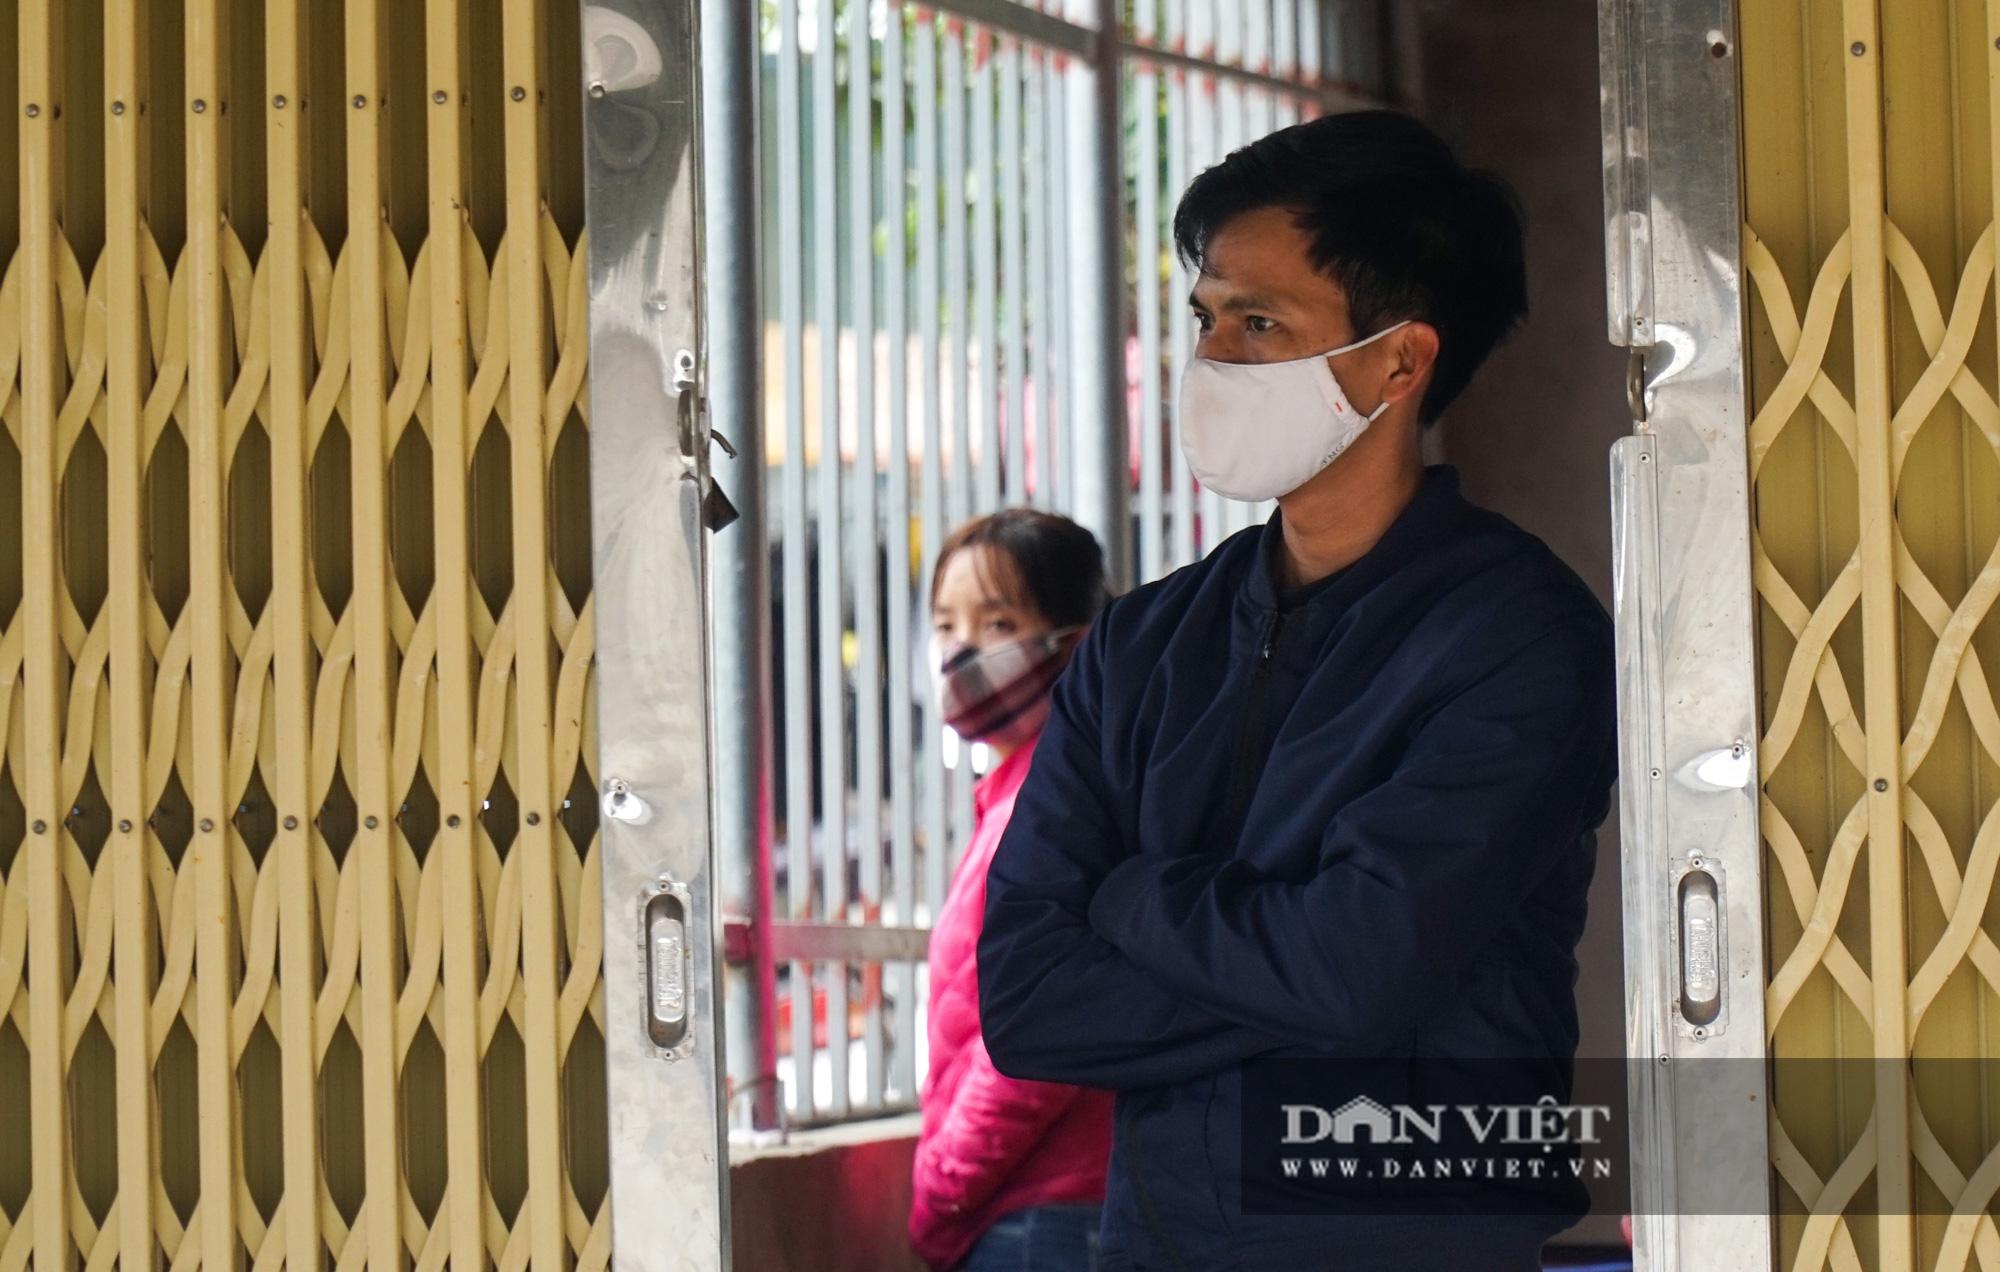 Phong toả cách ly thôn gần 1000 người có liên quan đến ca nhiễm Covid-19 số 1552 - Ảnh 9.